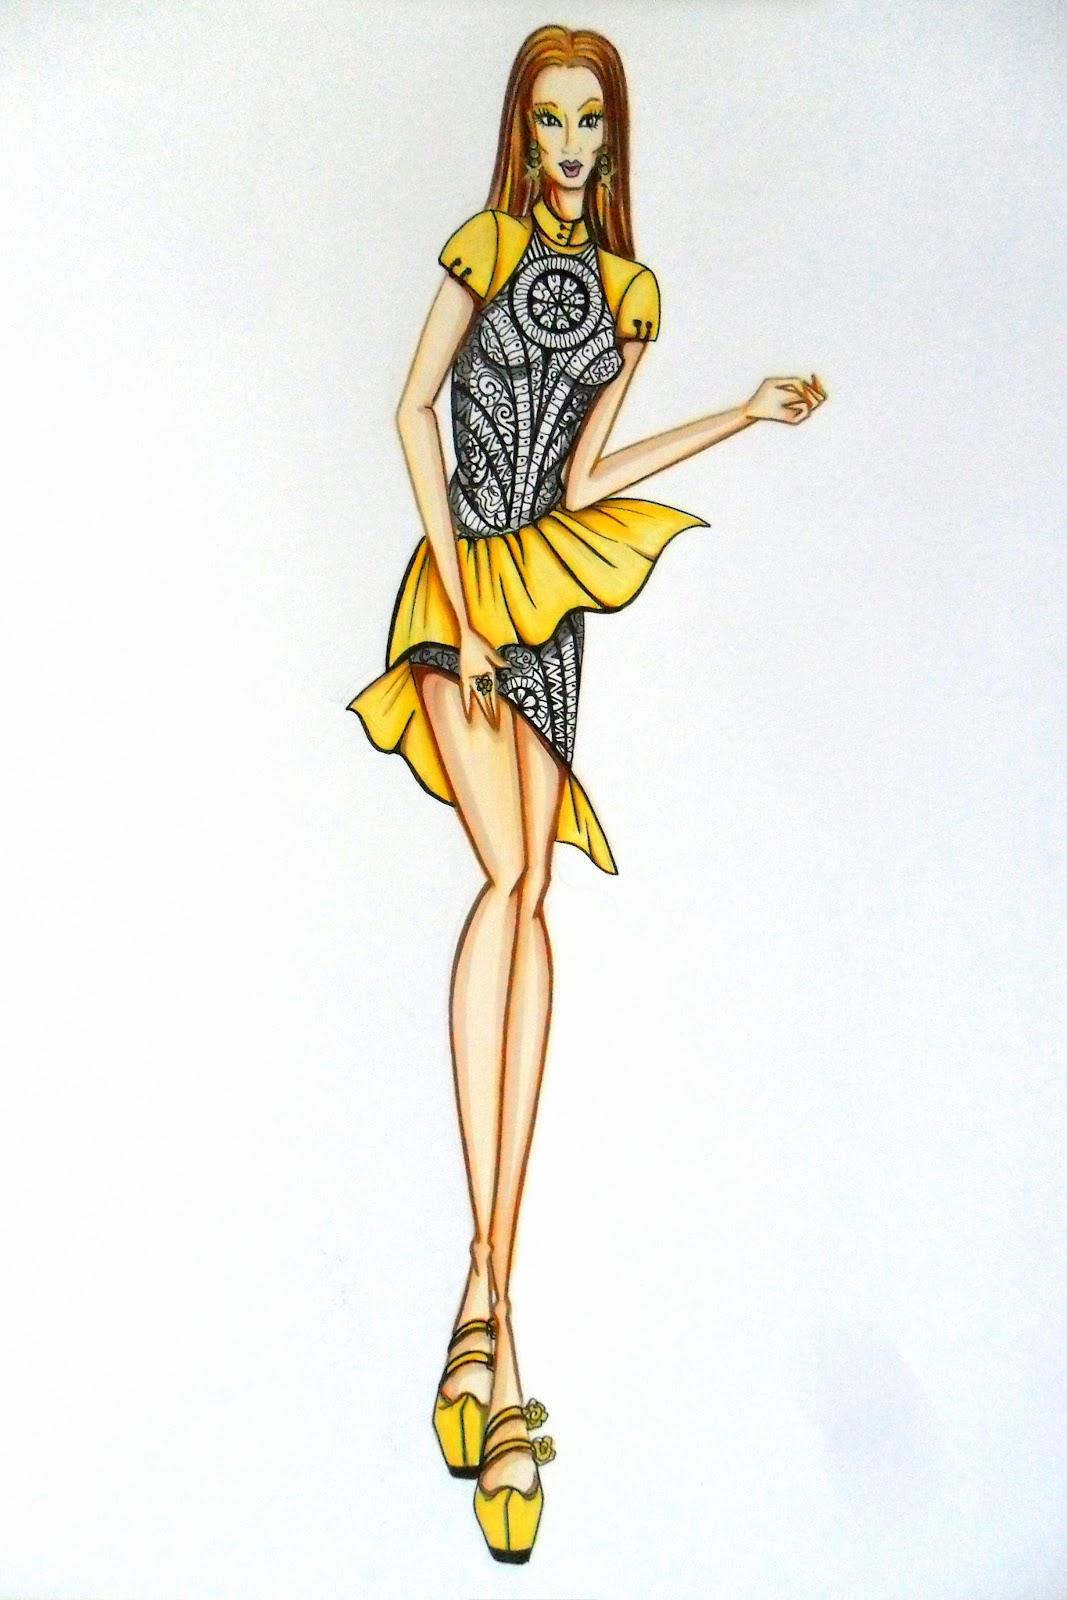 1067x1600 Stellita Pink Star Collezione Post Modern Fashion Design My